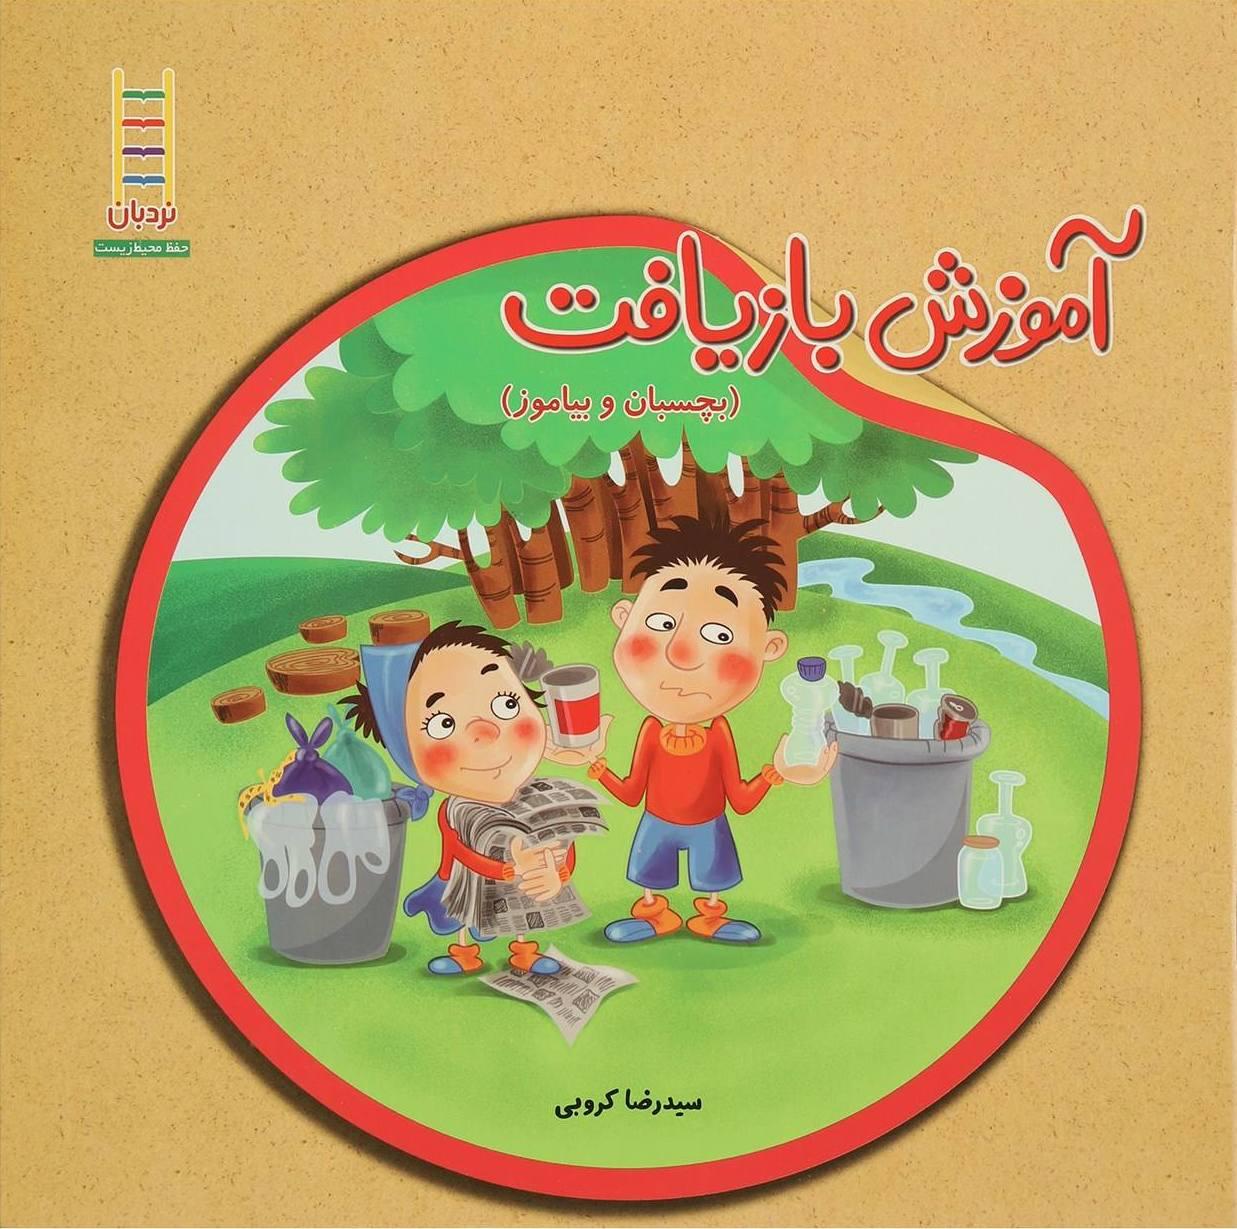 کتاب آموزش بازیافت بچسبان و بیاموز